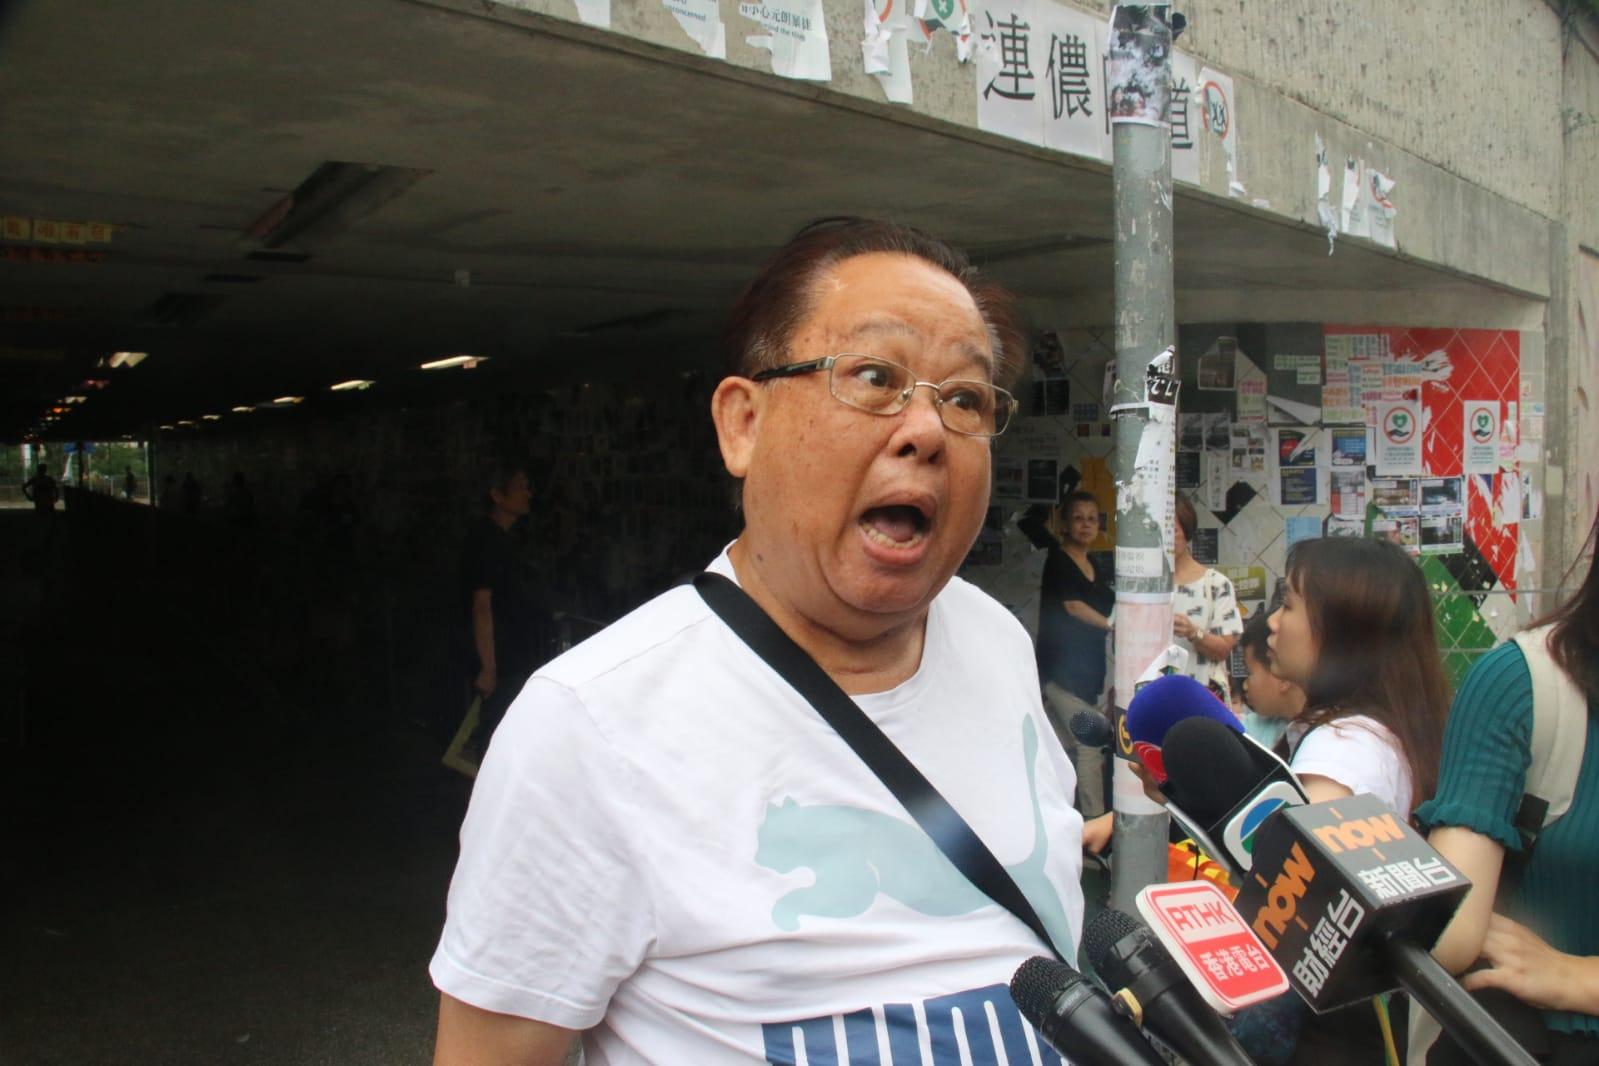 街坊譚先生稱疑兇平日走路時不時左望右望,懷疑對方患妄想症。